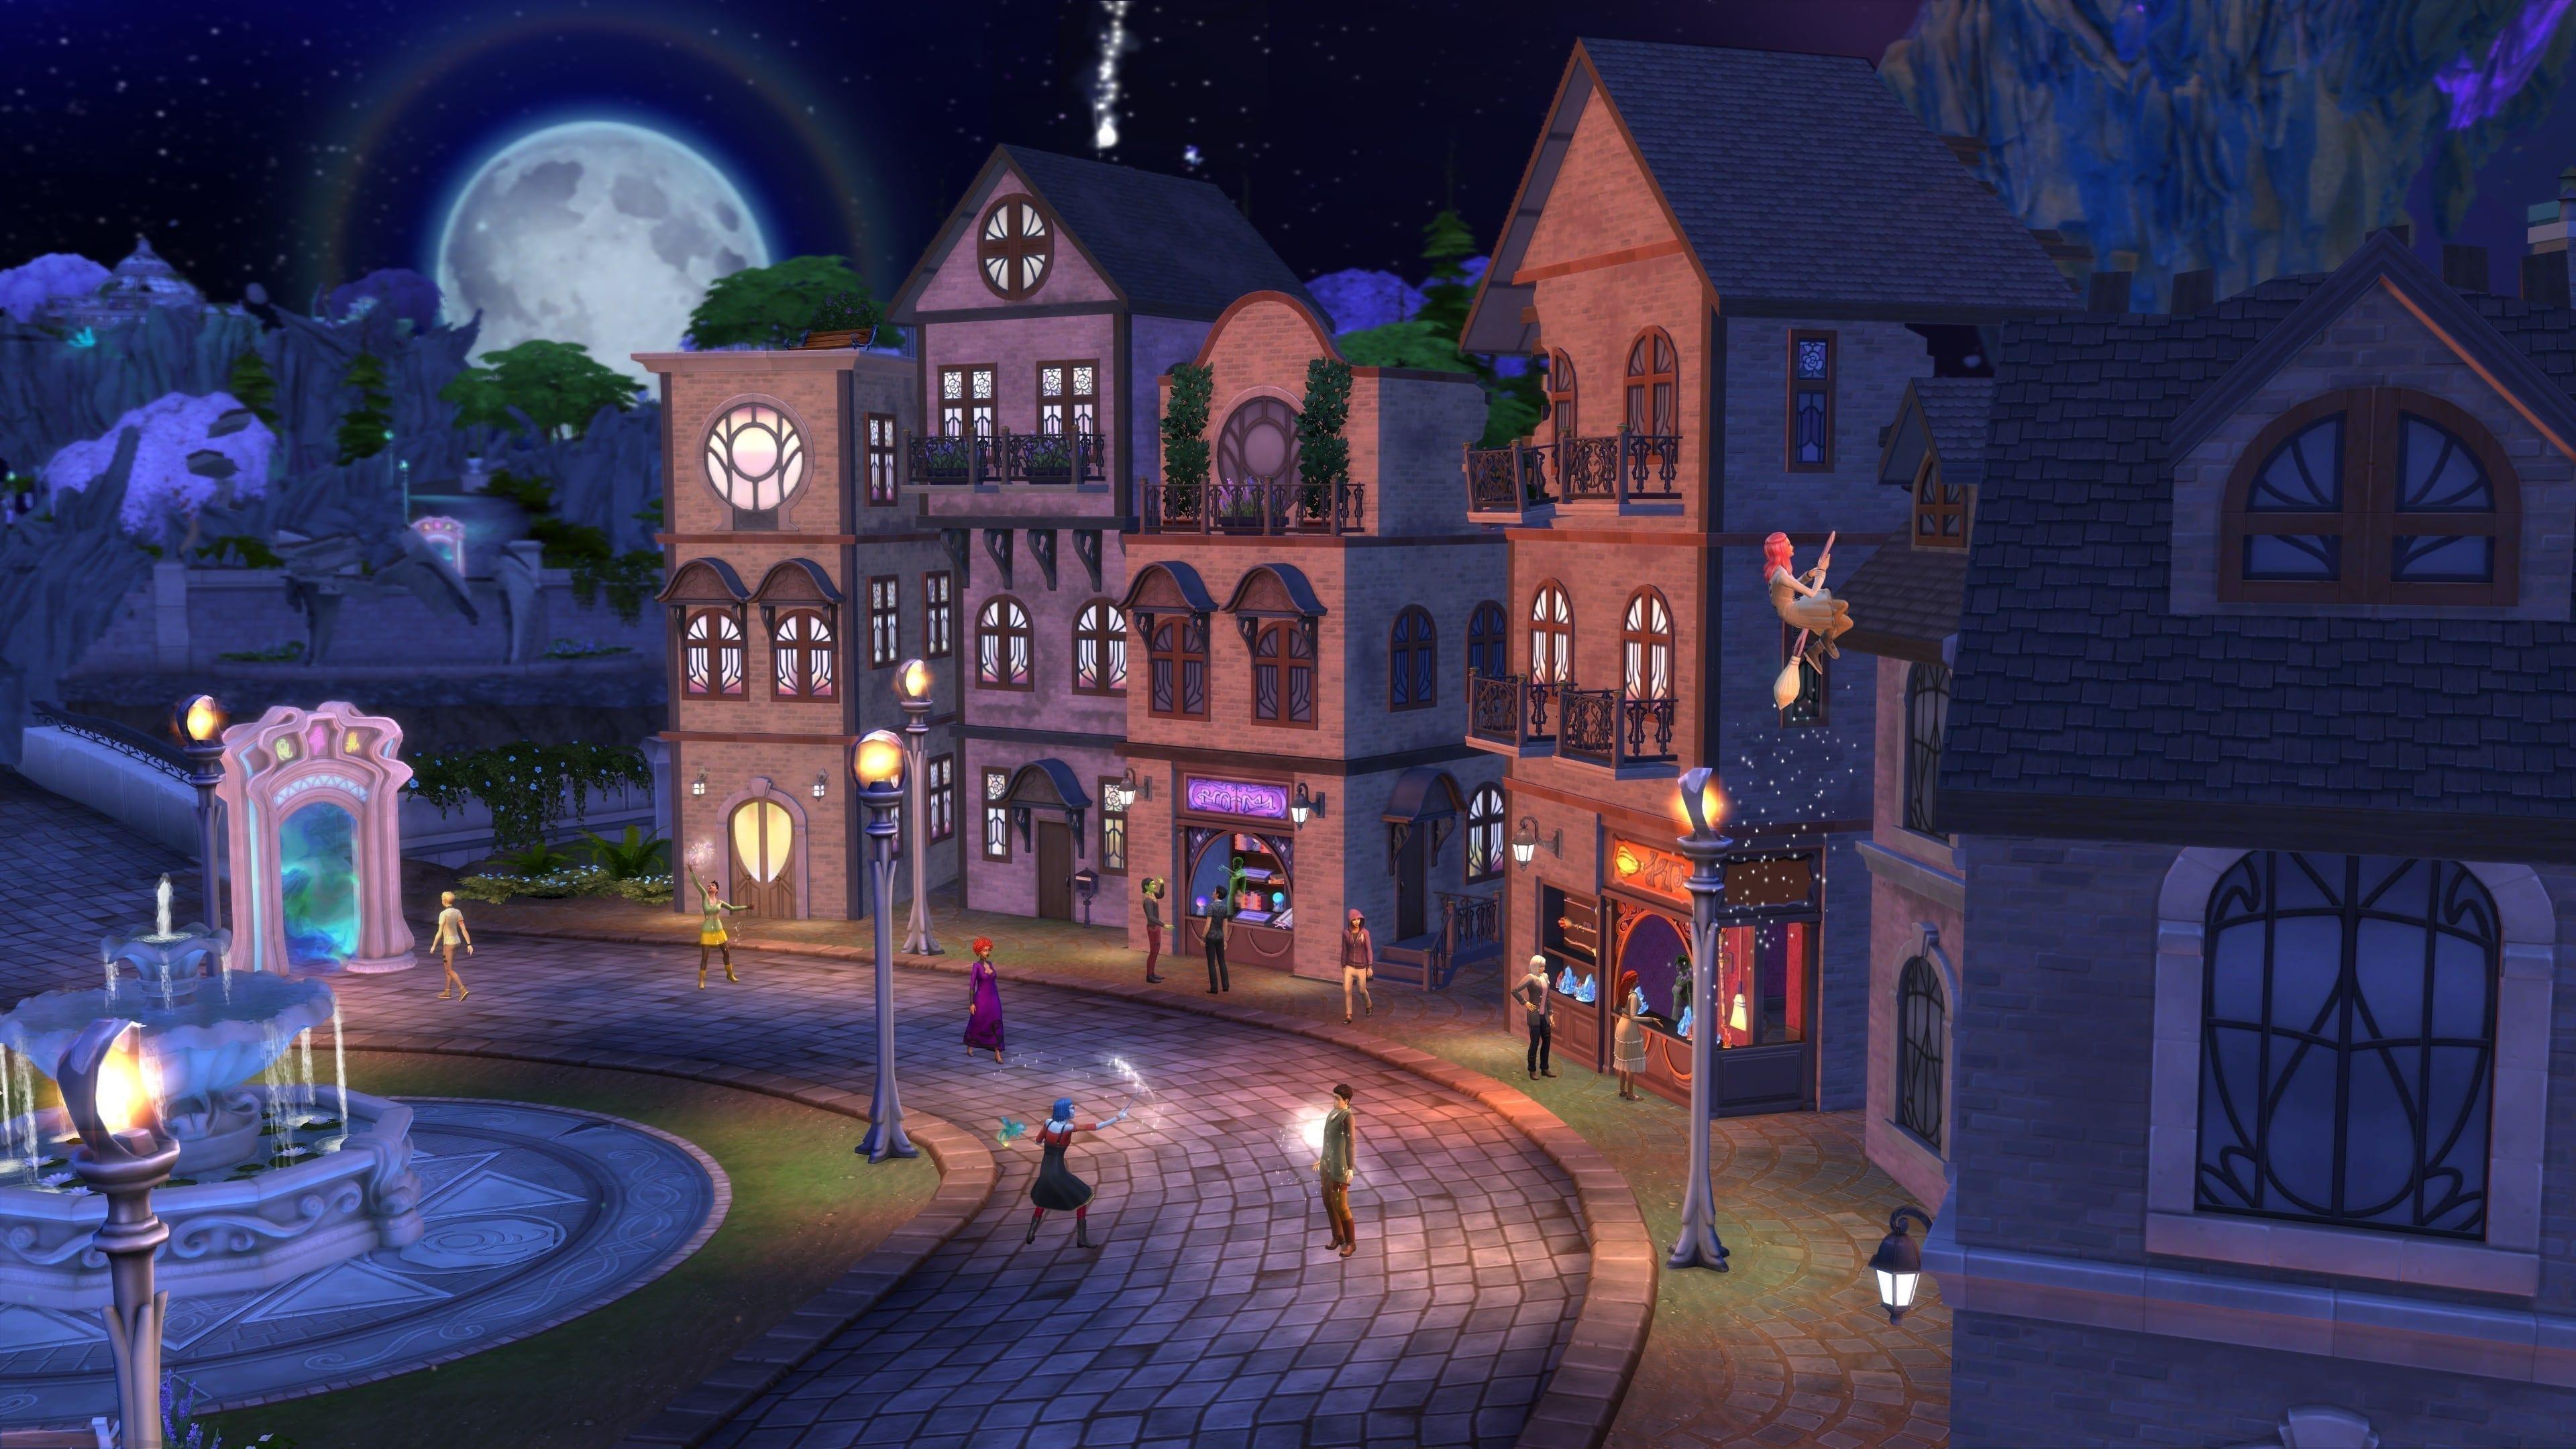 """Eine kleine Einkaufsstraße erwartet uns, und erinnert stark an Harry Potter's """"Winkelgasse""""!"""